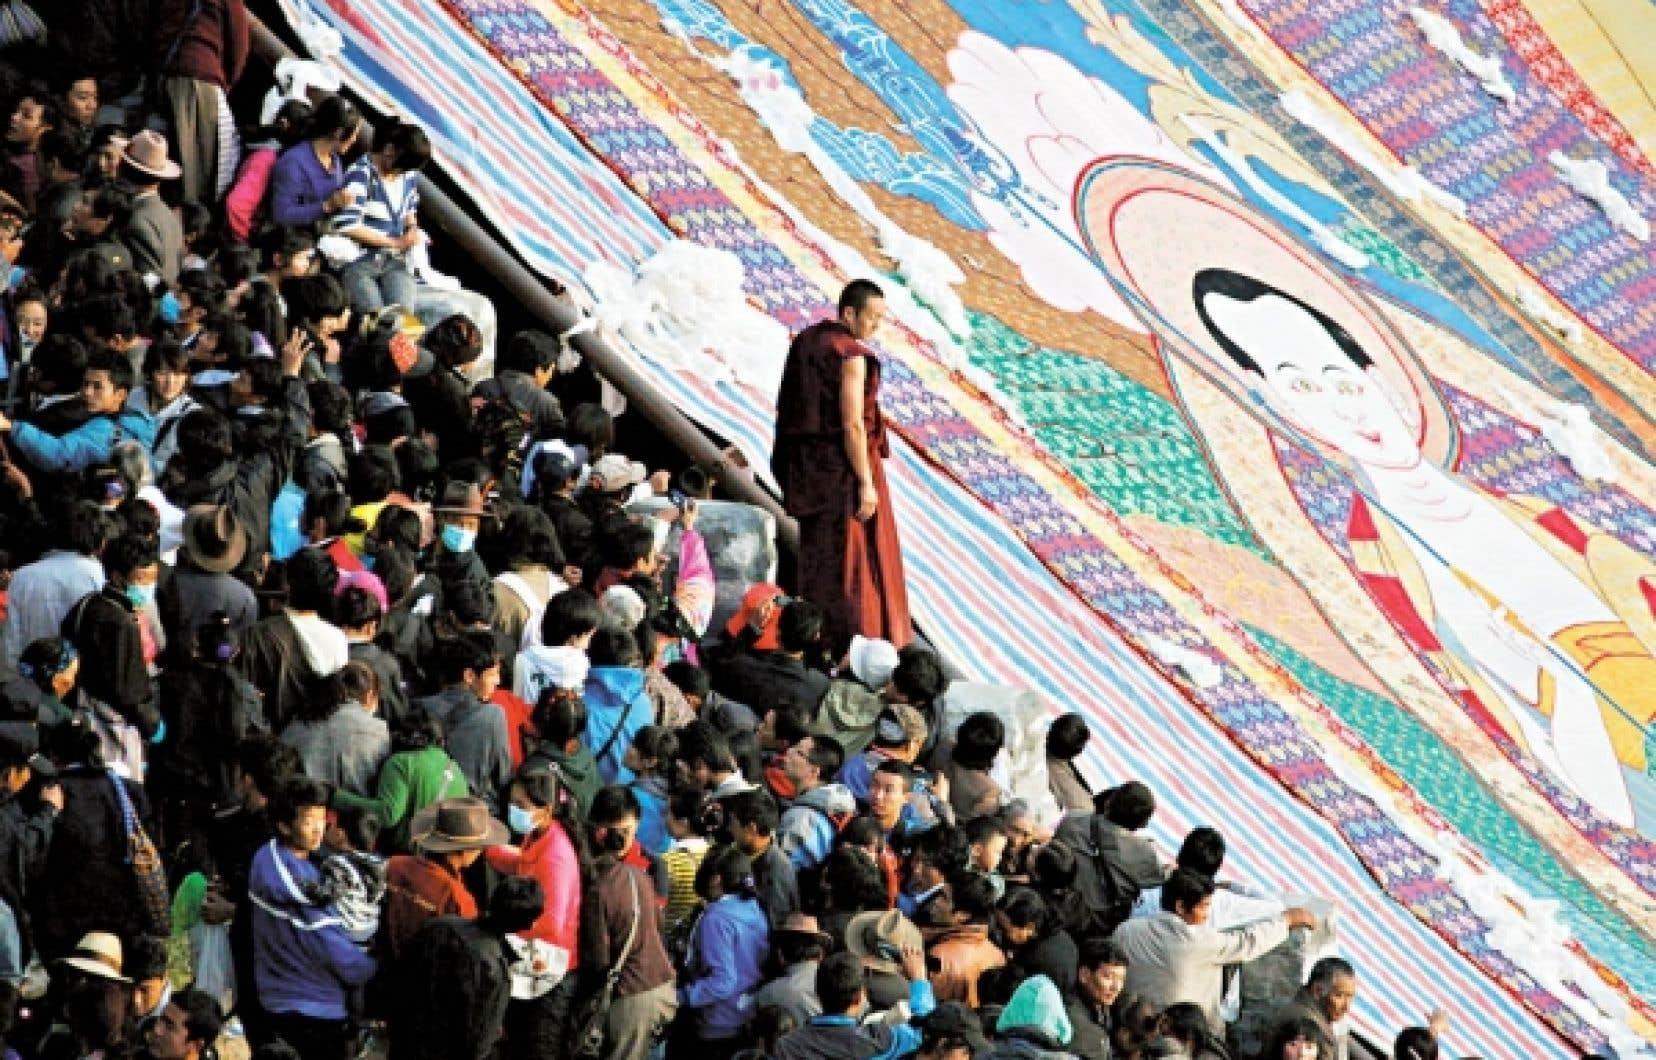 Malgré les exactions du gouvernement chinois, le bouddhisme tibétain résiste. Sur la photo, un moine boudhiste se tient entre les fidèles et un thangka (broderie religieuse) géant déployé au début de cette semaine au monastère de Drepung, près de Lhasa, dans la Région autonome du Tibet.<br />